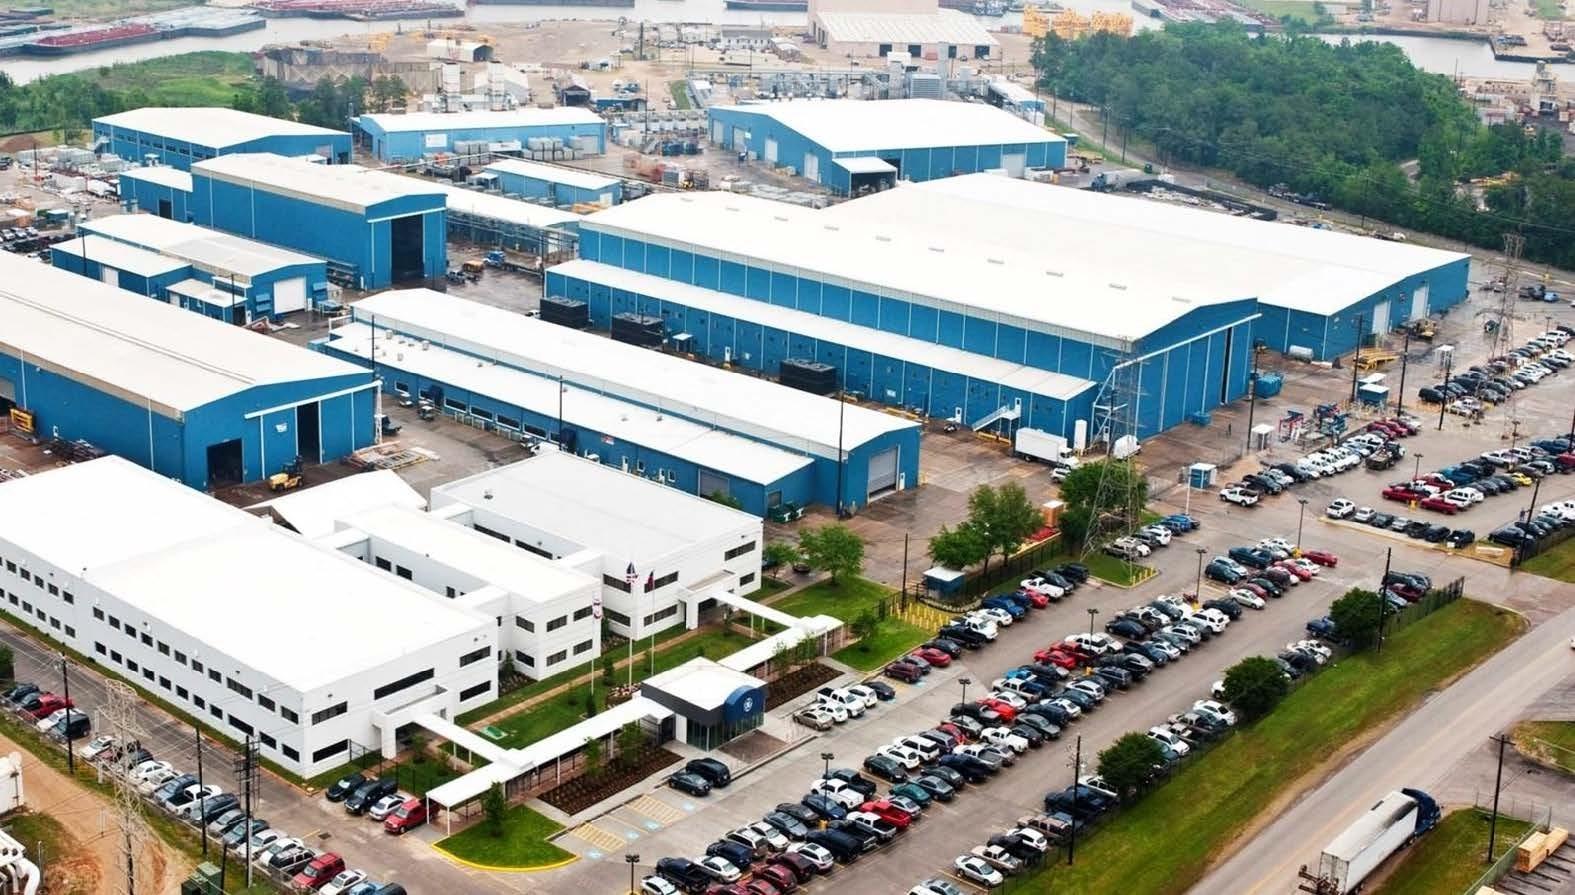 GE计划在航改燃气轮机技术上再投资2亿美元